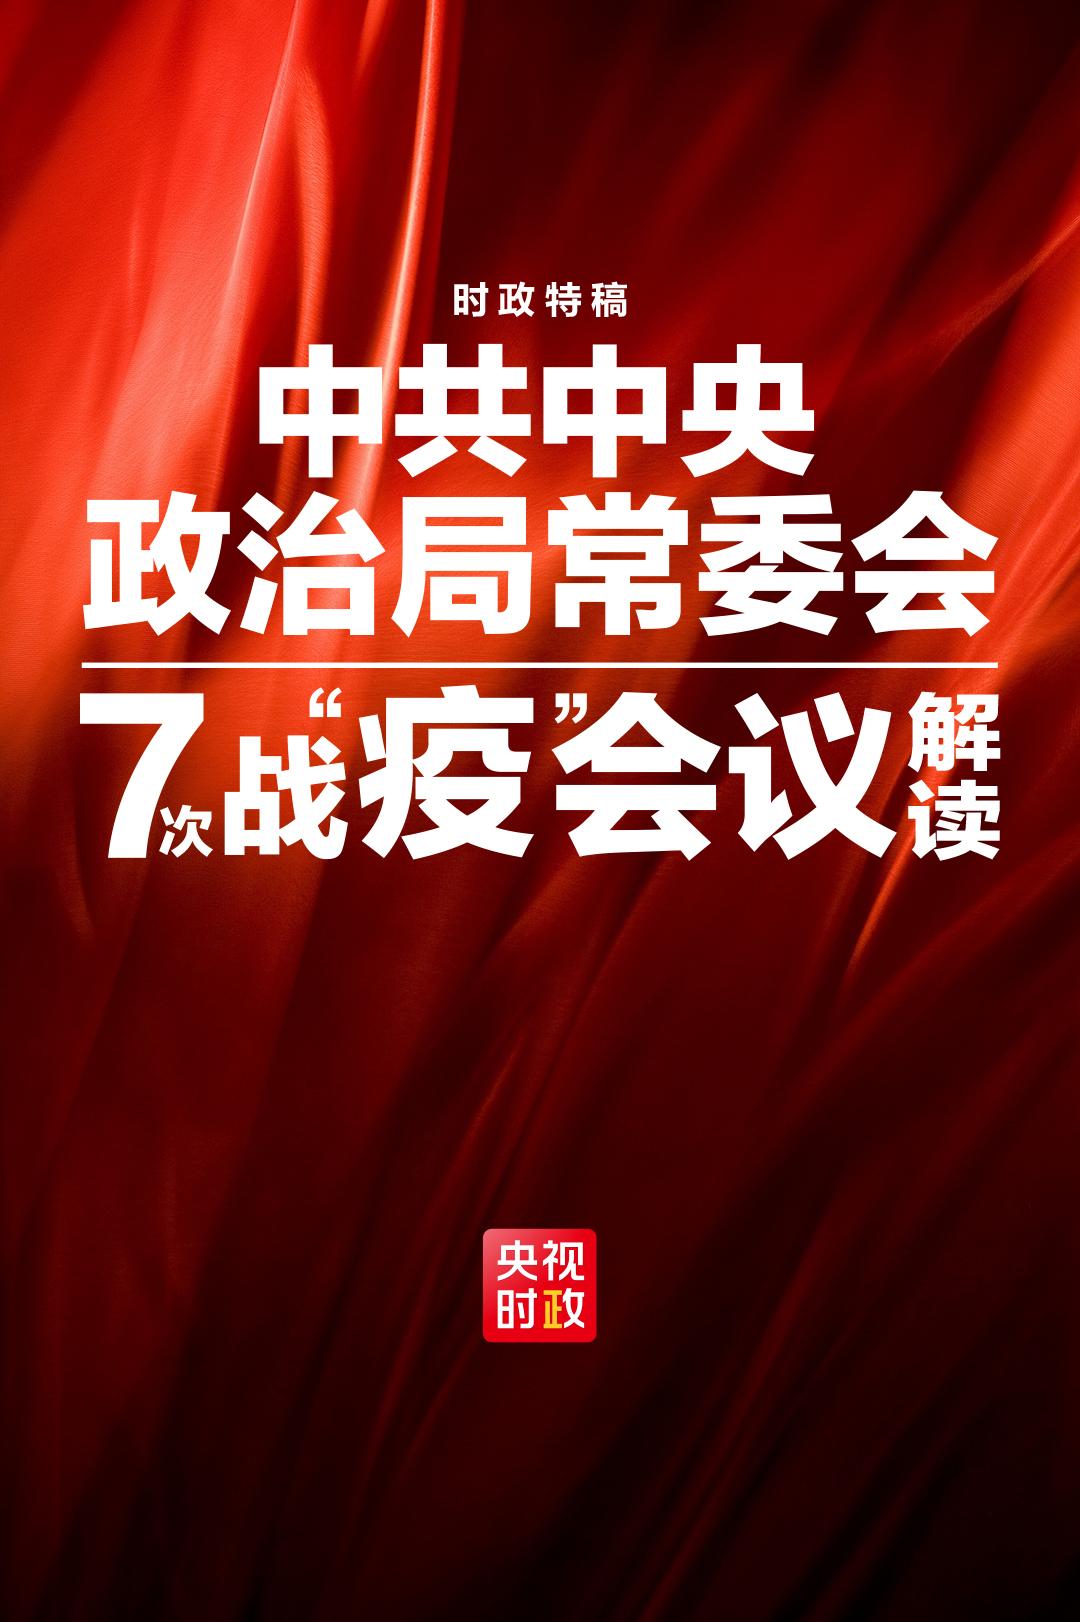 時政特稿丨54天7次中央政治局常委會會議,讀懂中國疫情防控阻擊戰